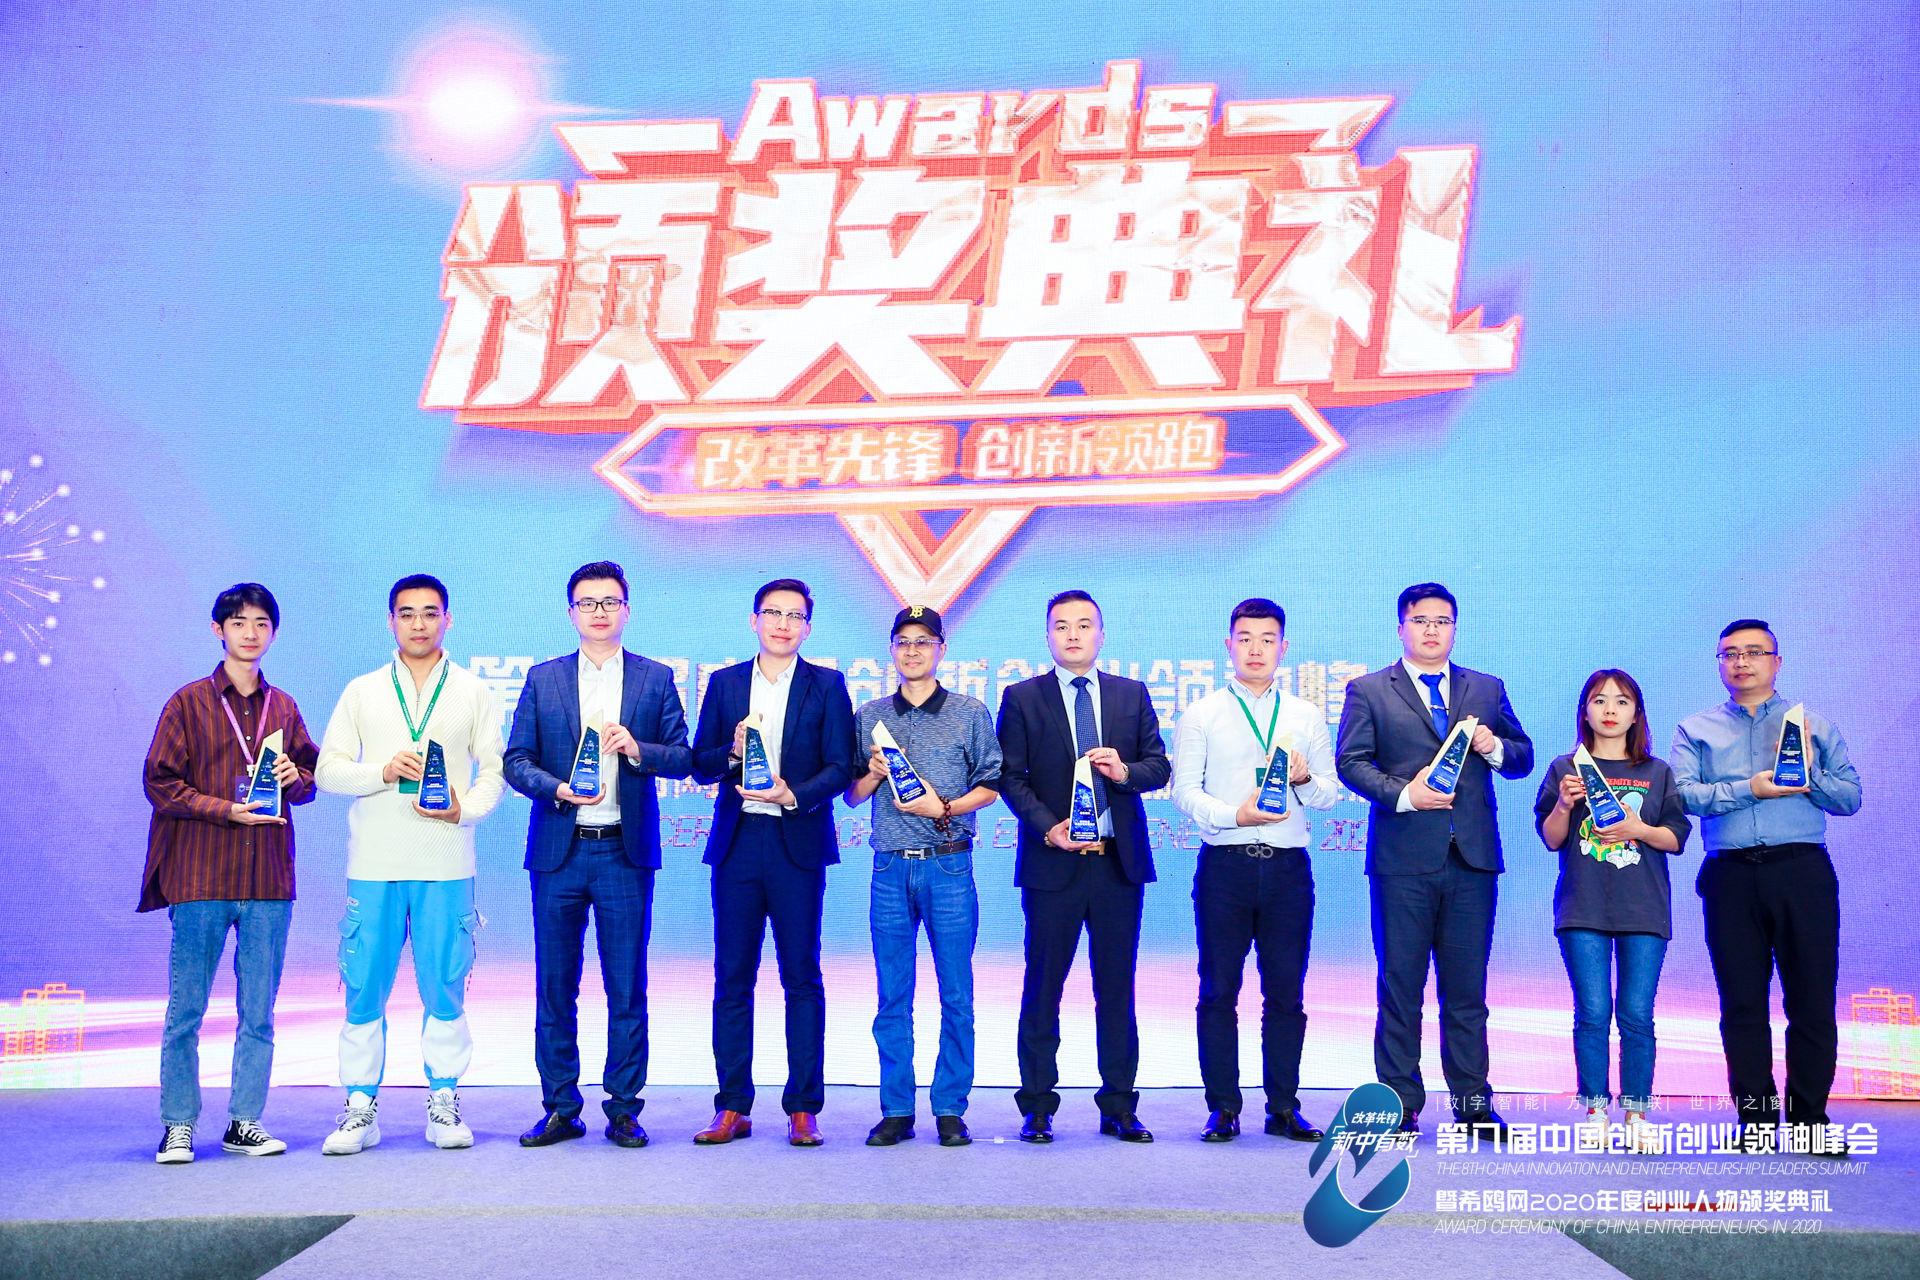 第八届中国创新创业领袖峰会暨希鸥网年度创业人物颁奖典礼闭幕